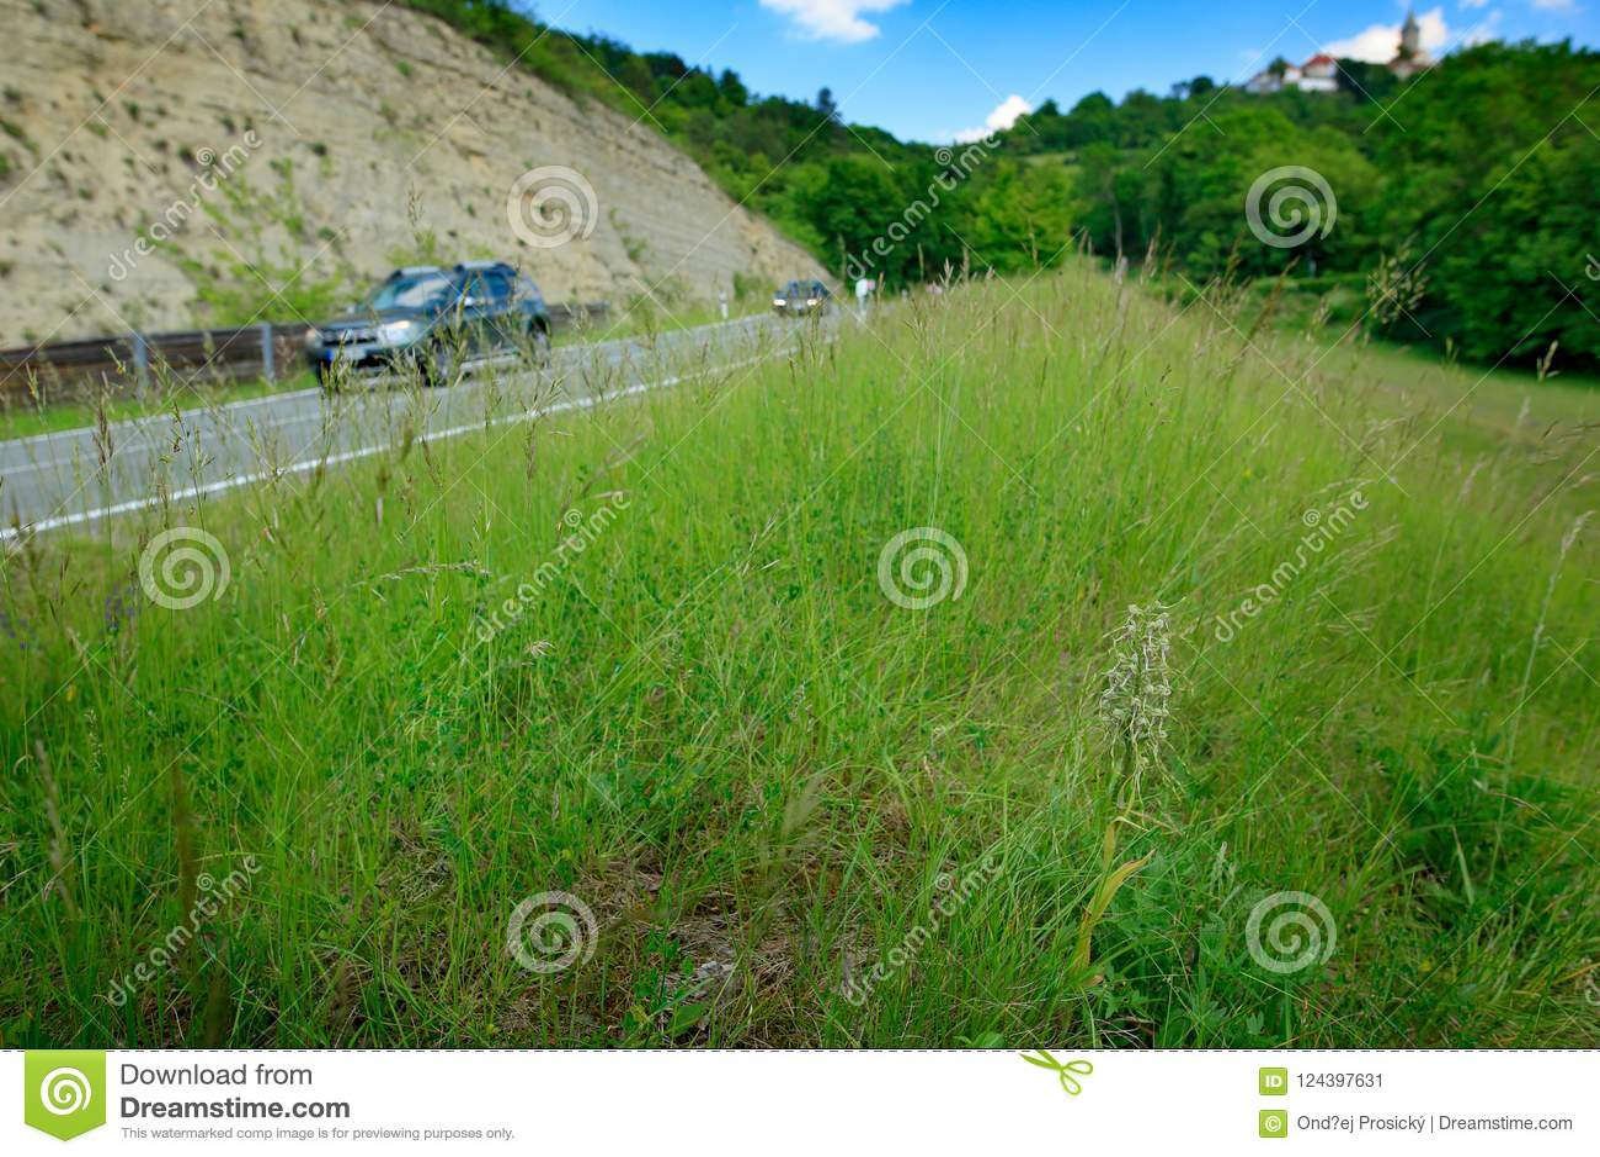 Himantoglossumhircinum, Hagedisorchidee, bloeit wilde installaties dichtbij de weg met auto, Jena, Duitsland Aard in Europa